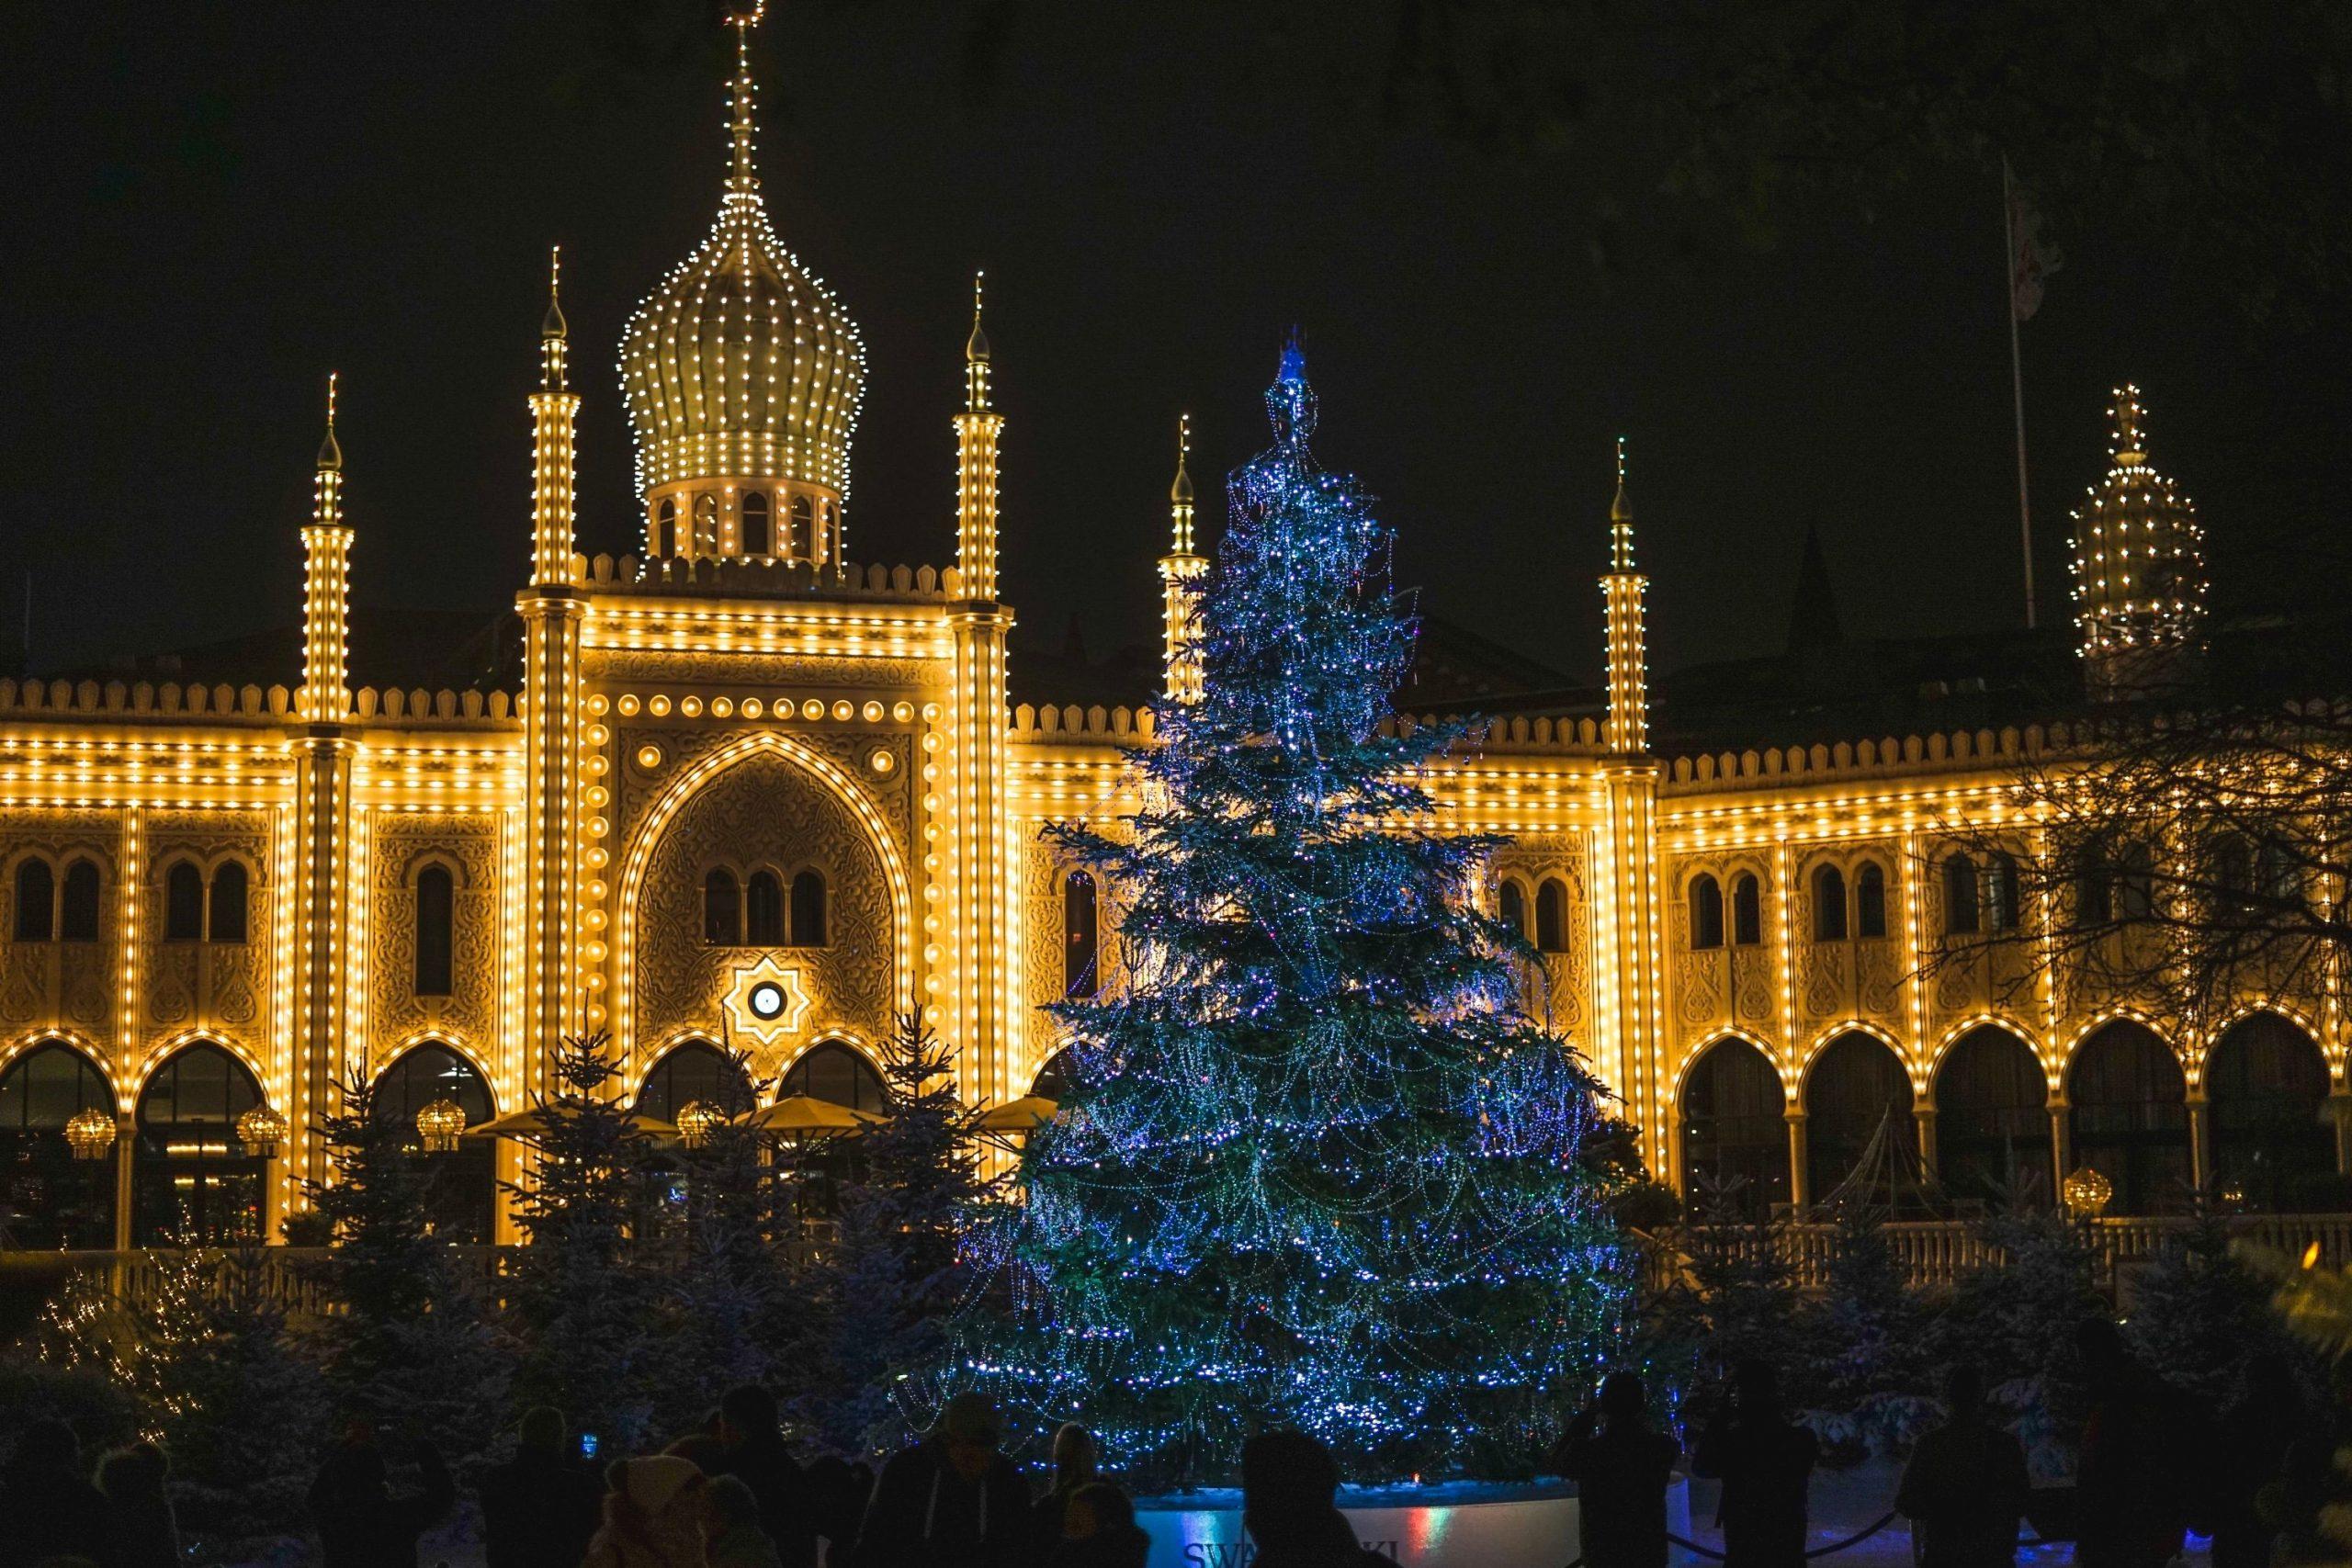 Sådan ser Tivoli også ud her i julesæsonen – med Nimb Hotel i baggrunden stråler det særlige juletræ med Swarovski-krystaller i forgrunden. Hotellet er netop kommet på meget eksklusiv liste. Pressefoto: Tivoli.